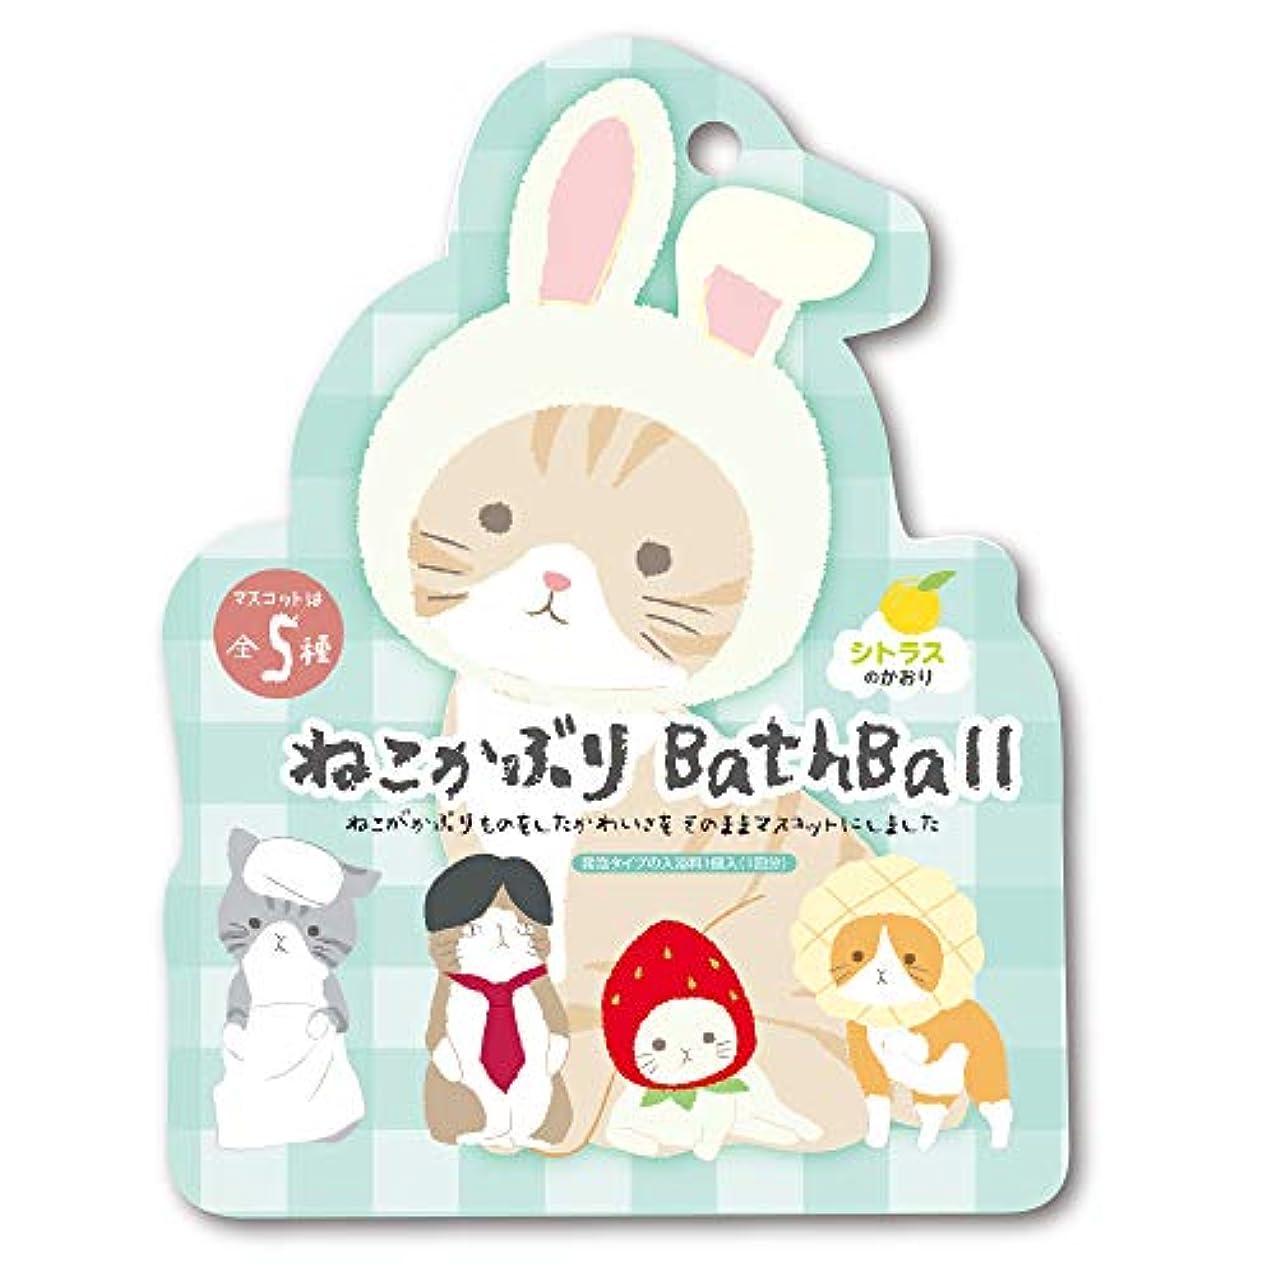 通常姿を消すレインコートねこかぶり 入浴剤 バスボール おまけ付き シトラスの香り 50g OB-NEB-3-1